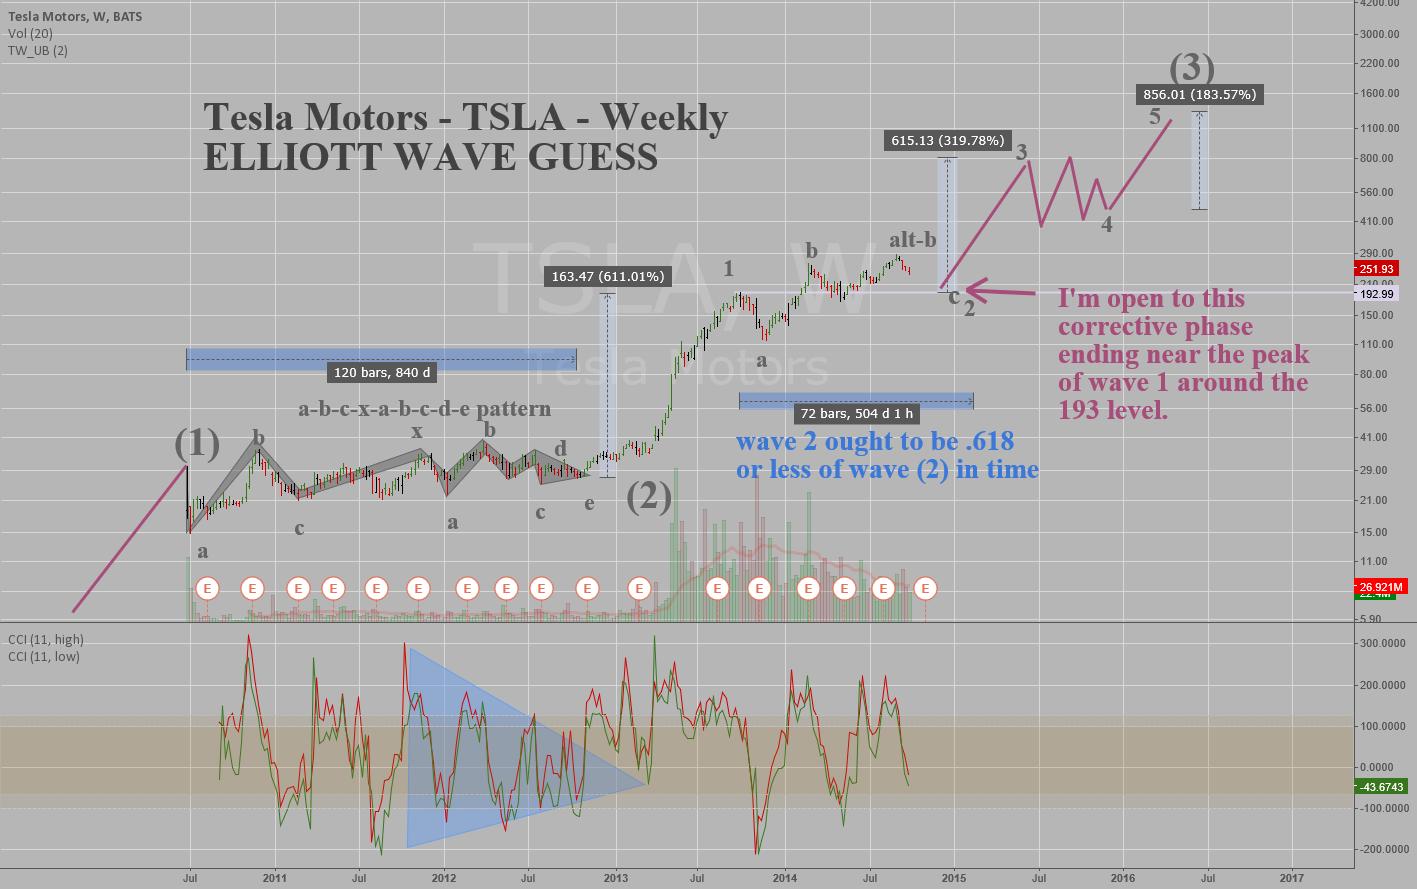 Tesla Motors - TSLA - Weekly - Elliott Wave (Guess)